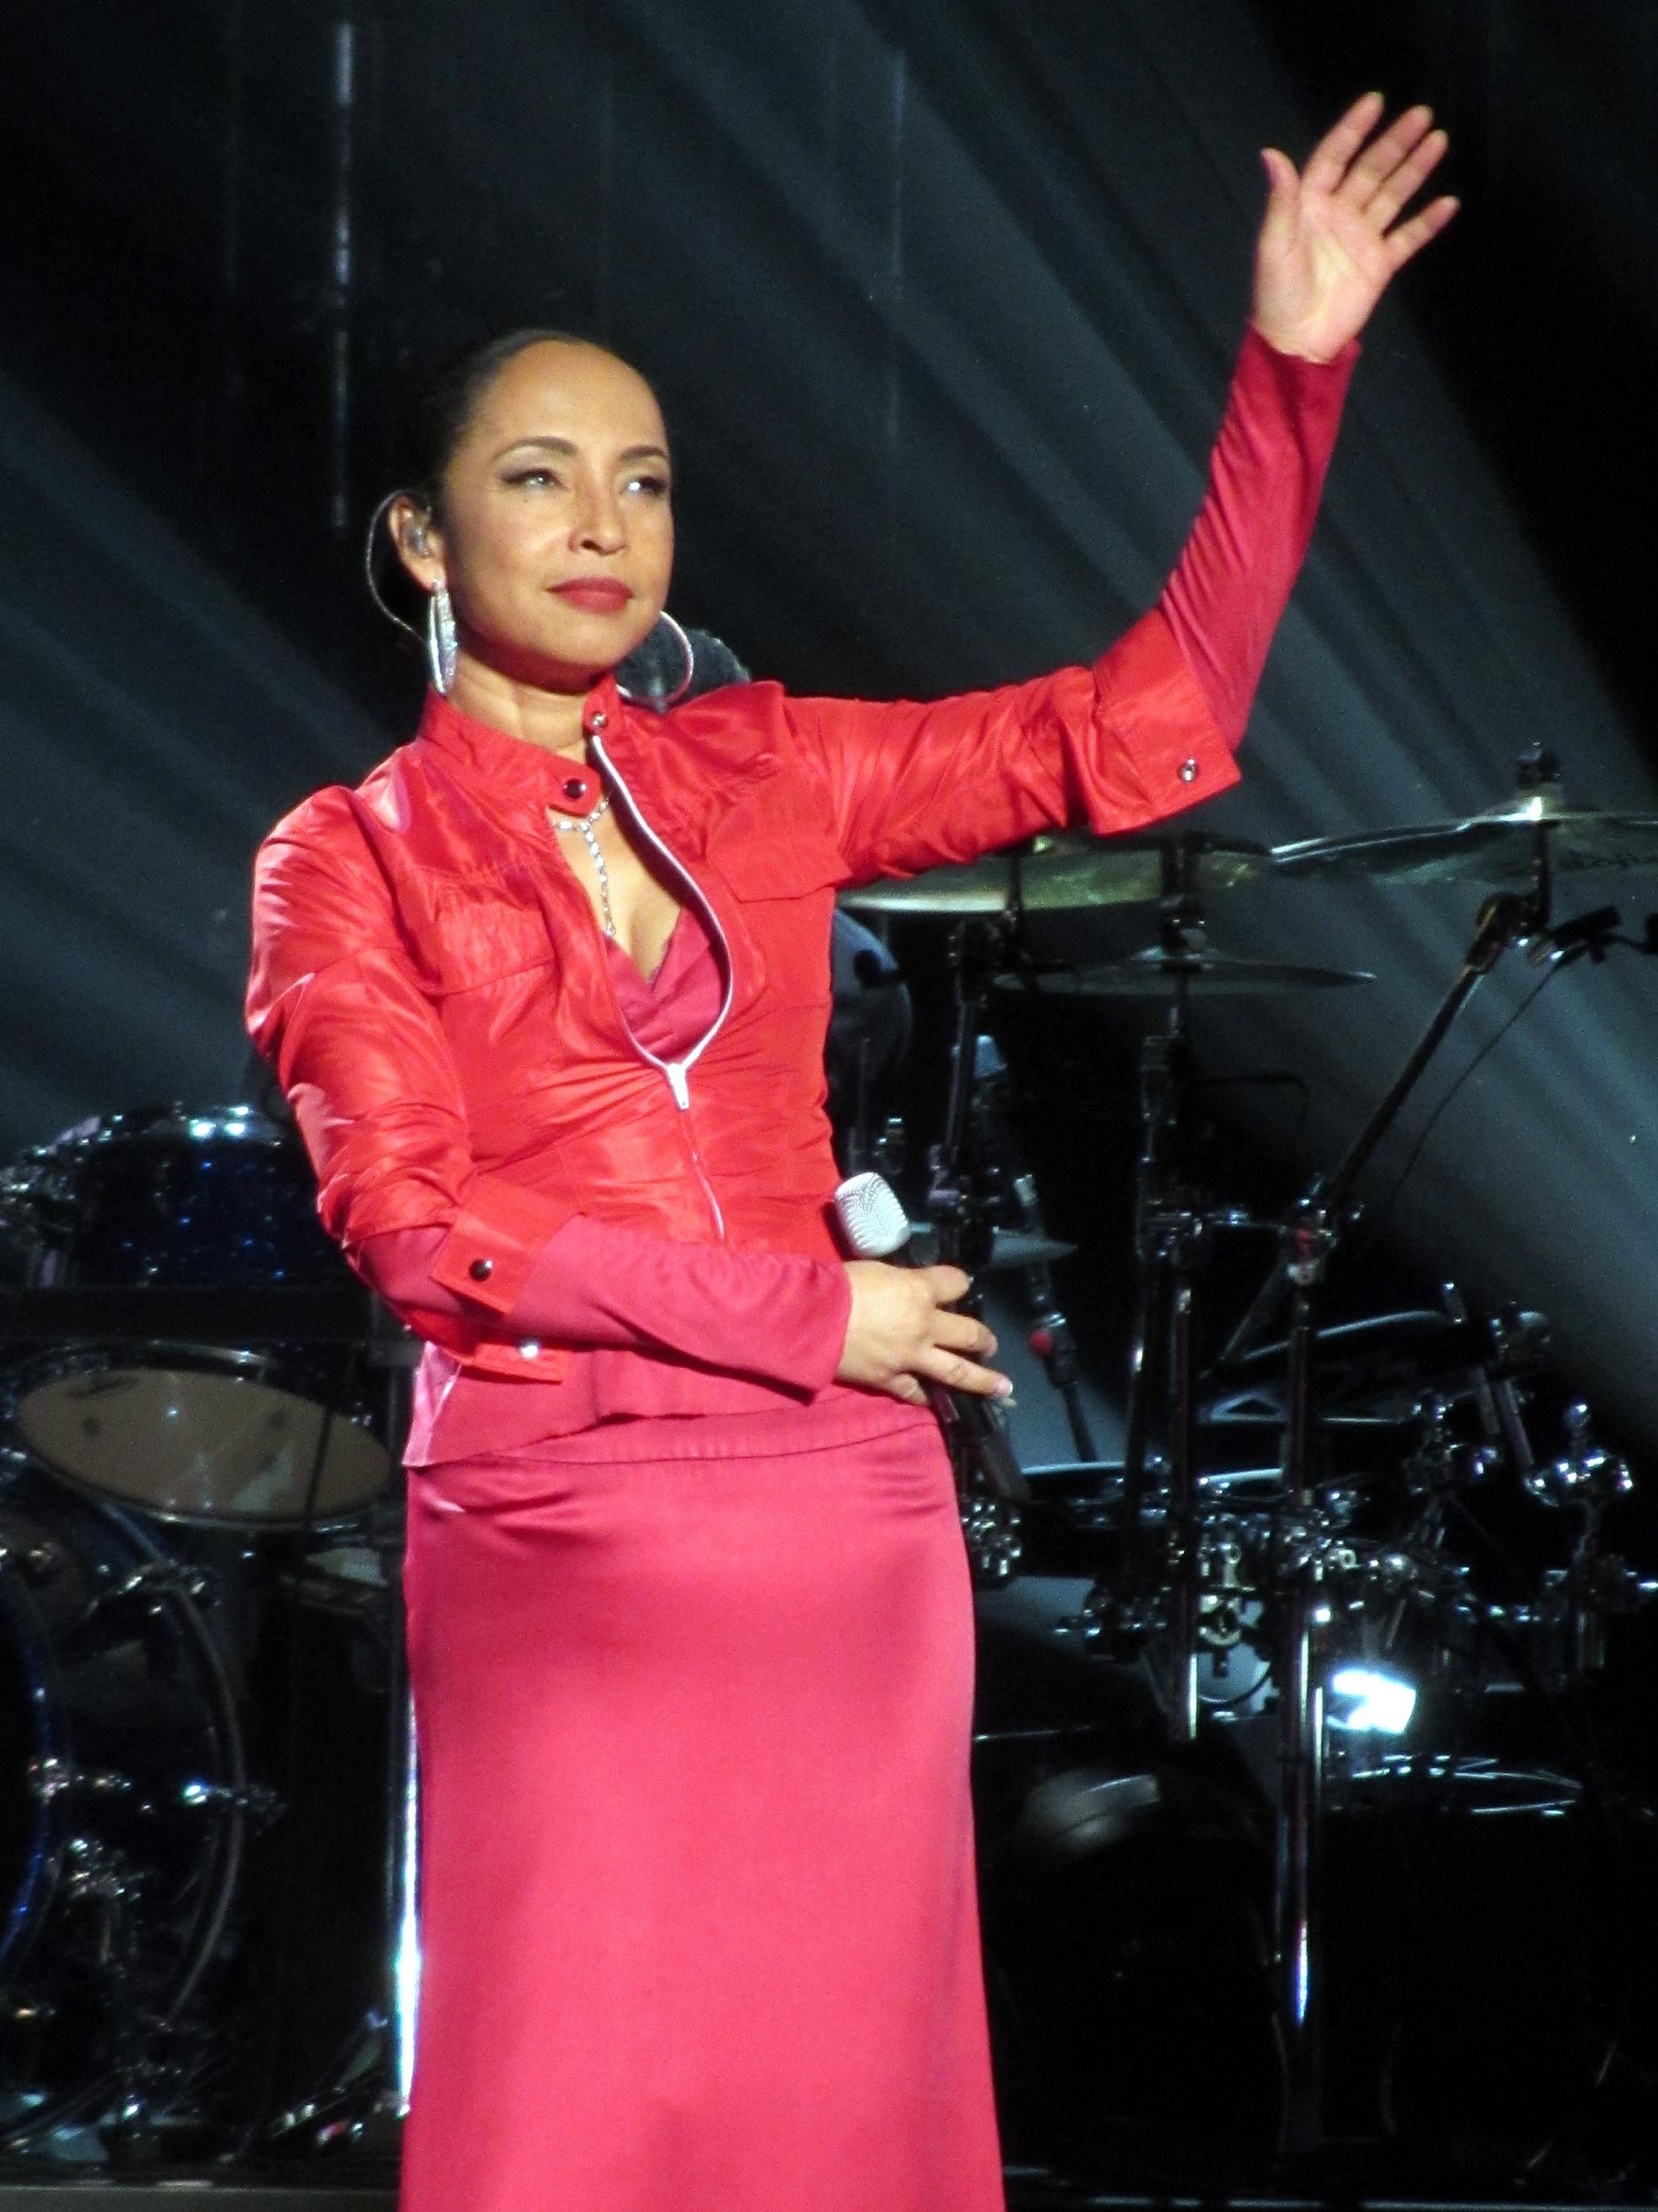 Sade (singer) - Wikipedia Sade